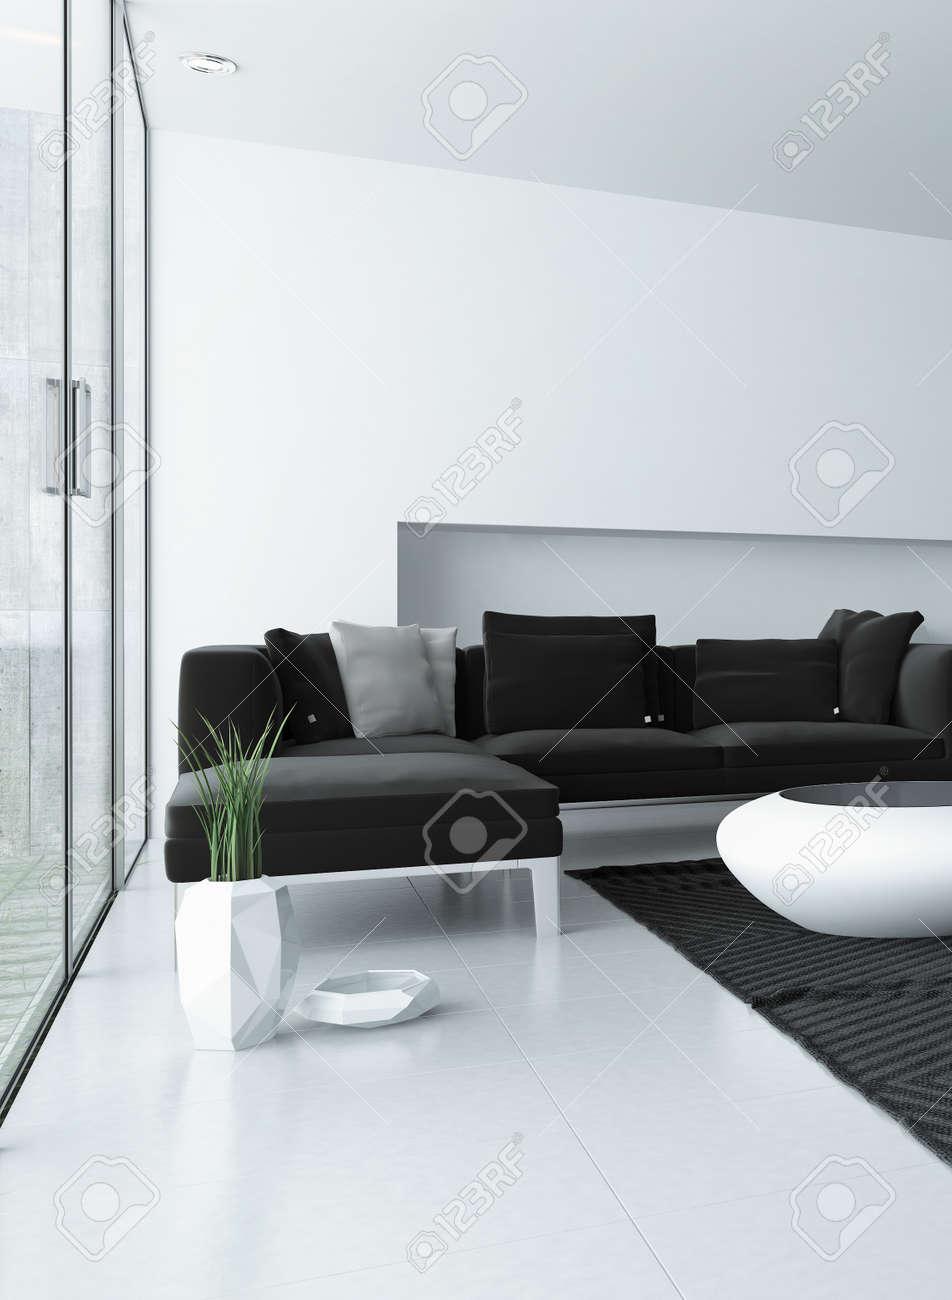 Salon moderne avec un décor gris et blanc et une suite de salon unité de  coin rembourré en face de grandes fenêtres et de la porte menant à un ...